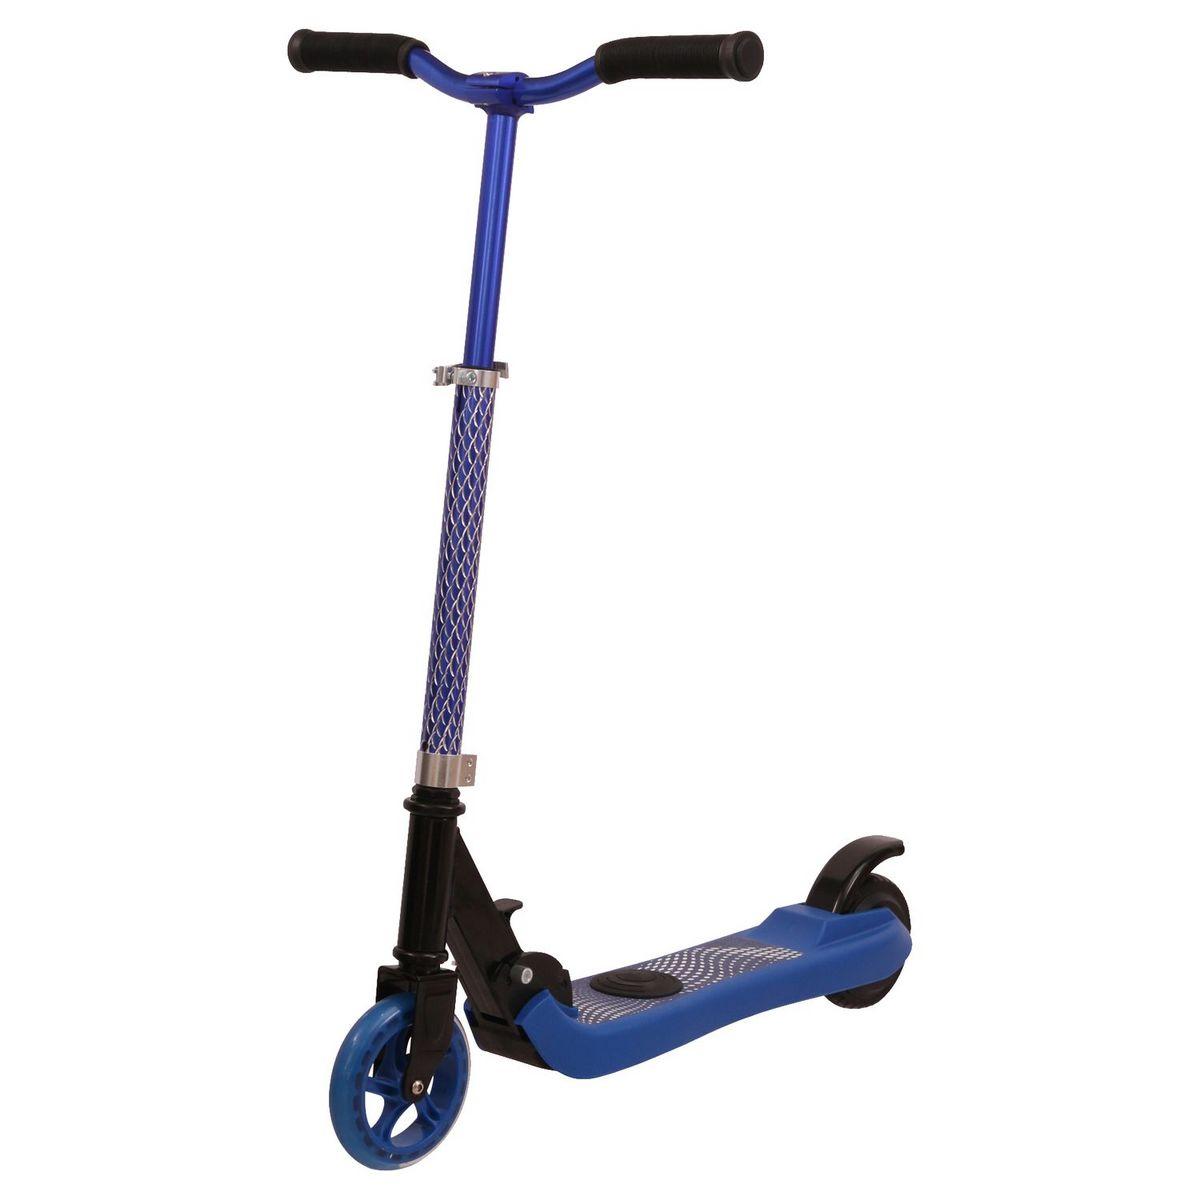 Trottinette électrique pour enfant TX-KS-02 - Bleu